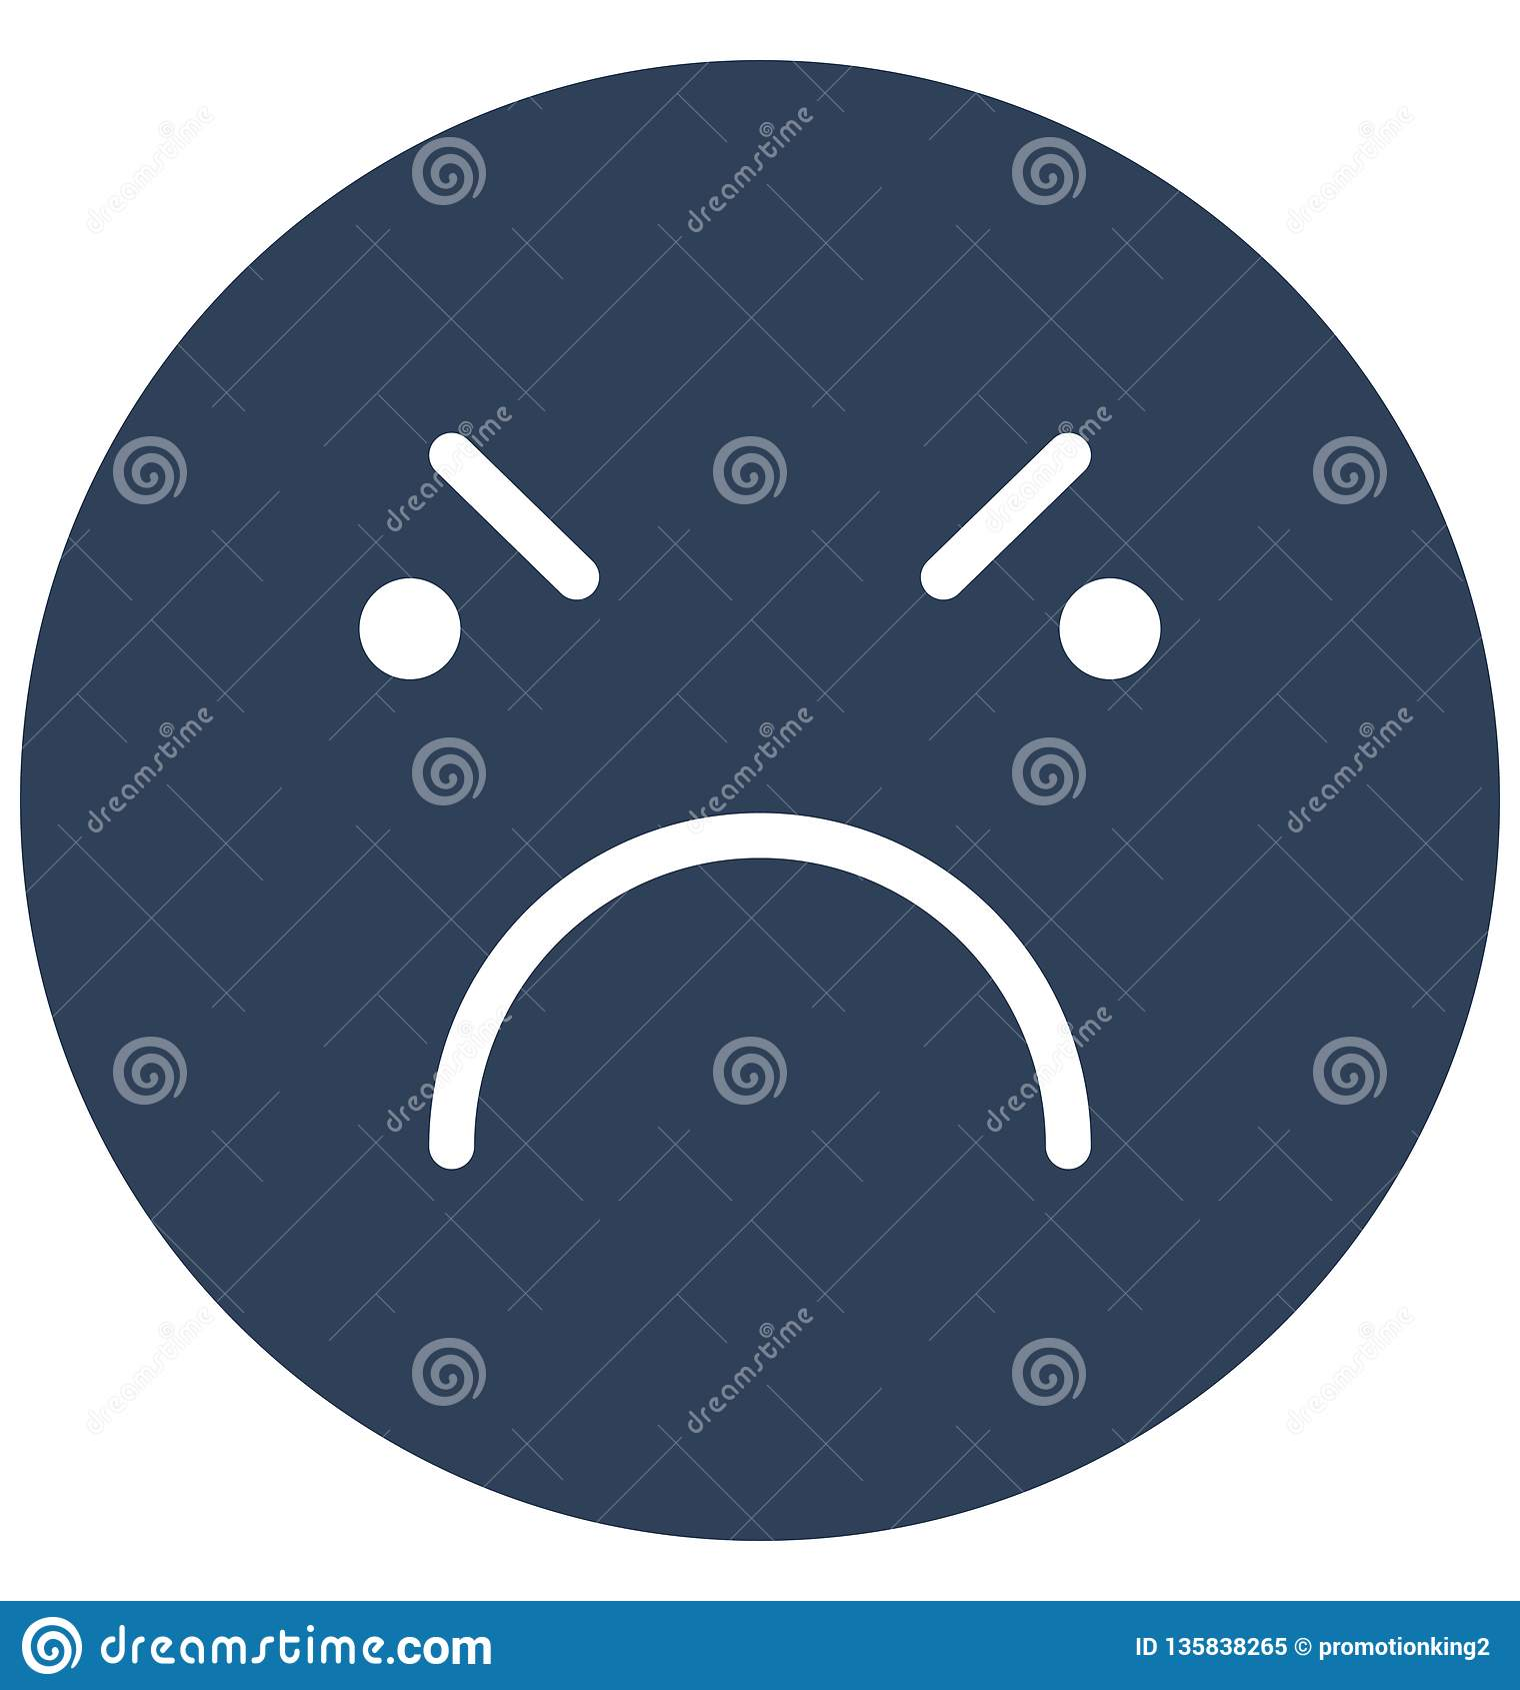 οργή, απομονωμένο διάνυσμα εικονίδιο βλέμματος emoticon που μπορεί εύκολα να τροποποιήσει ή να εκδώσει